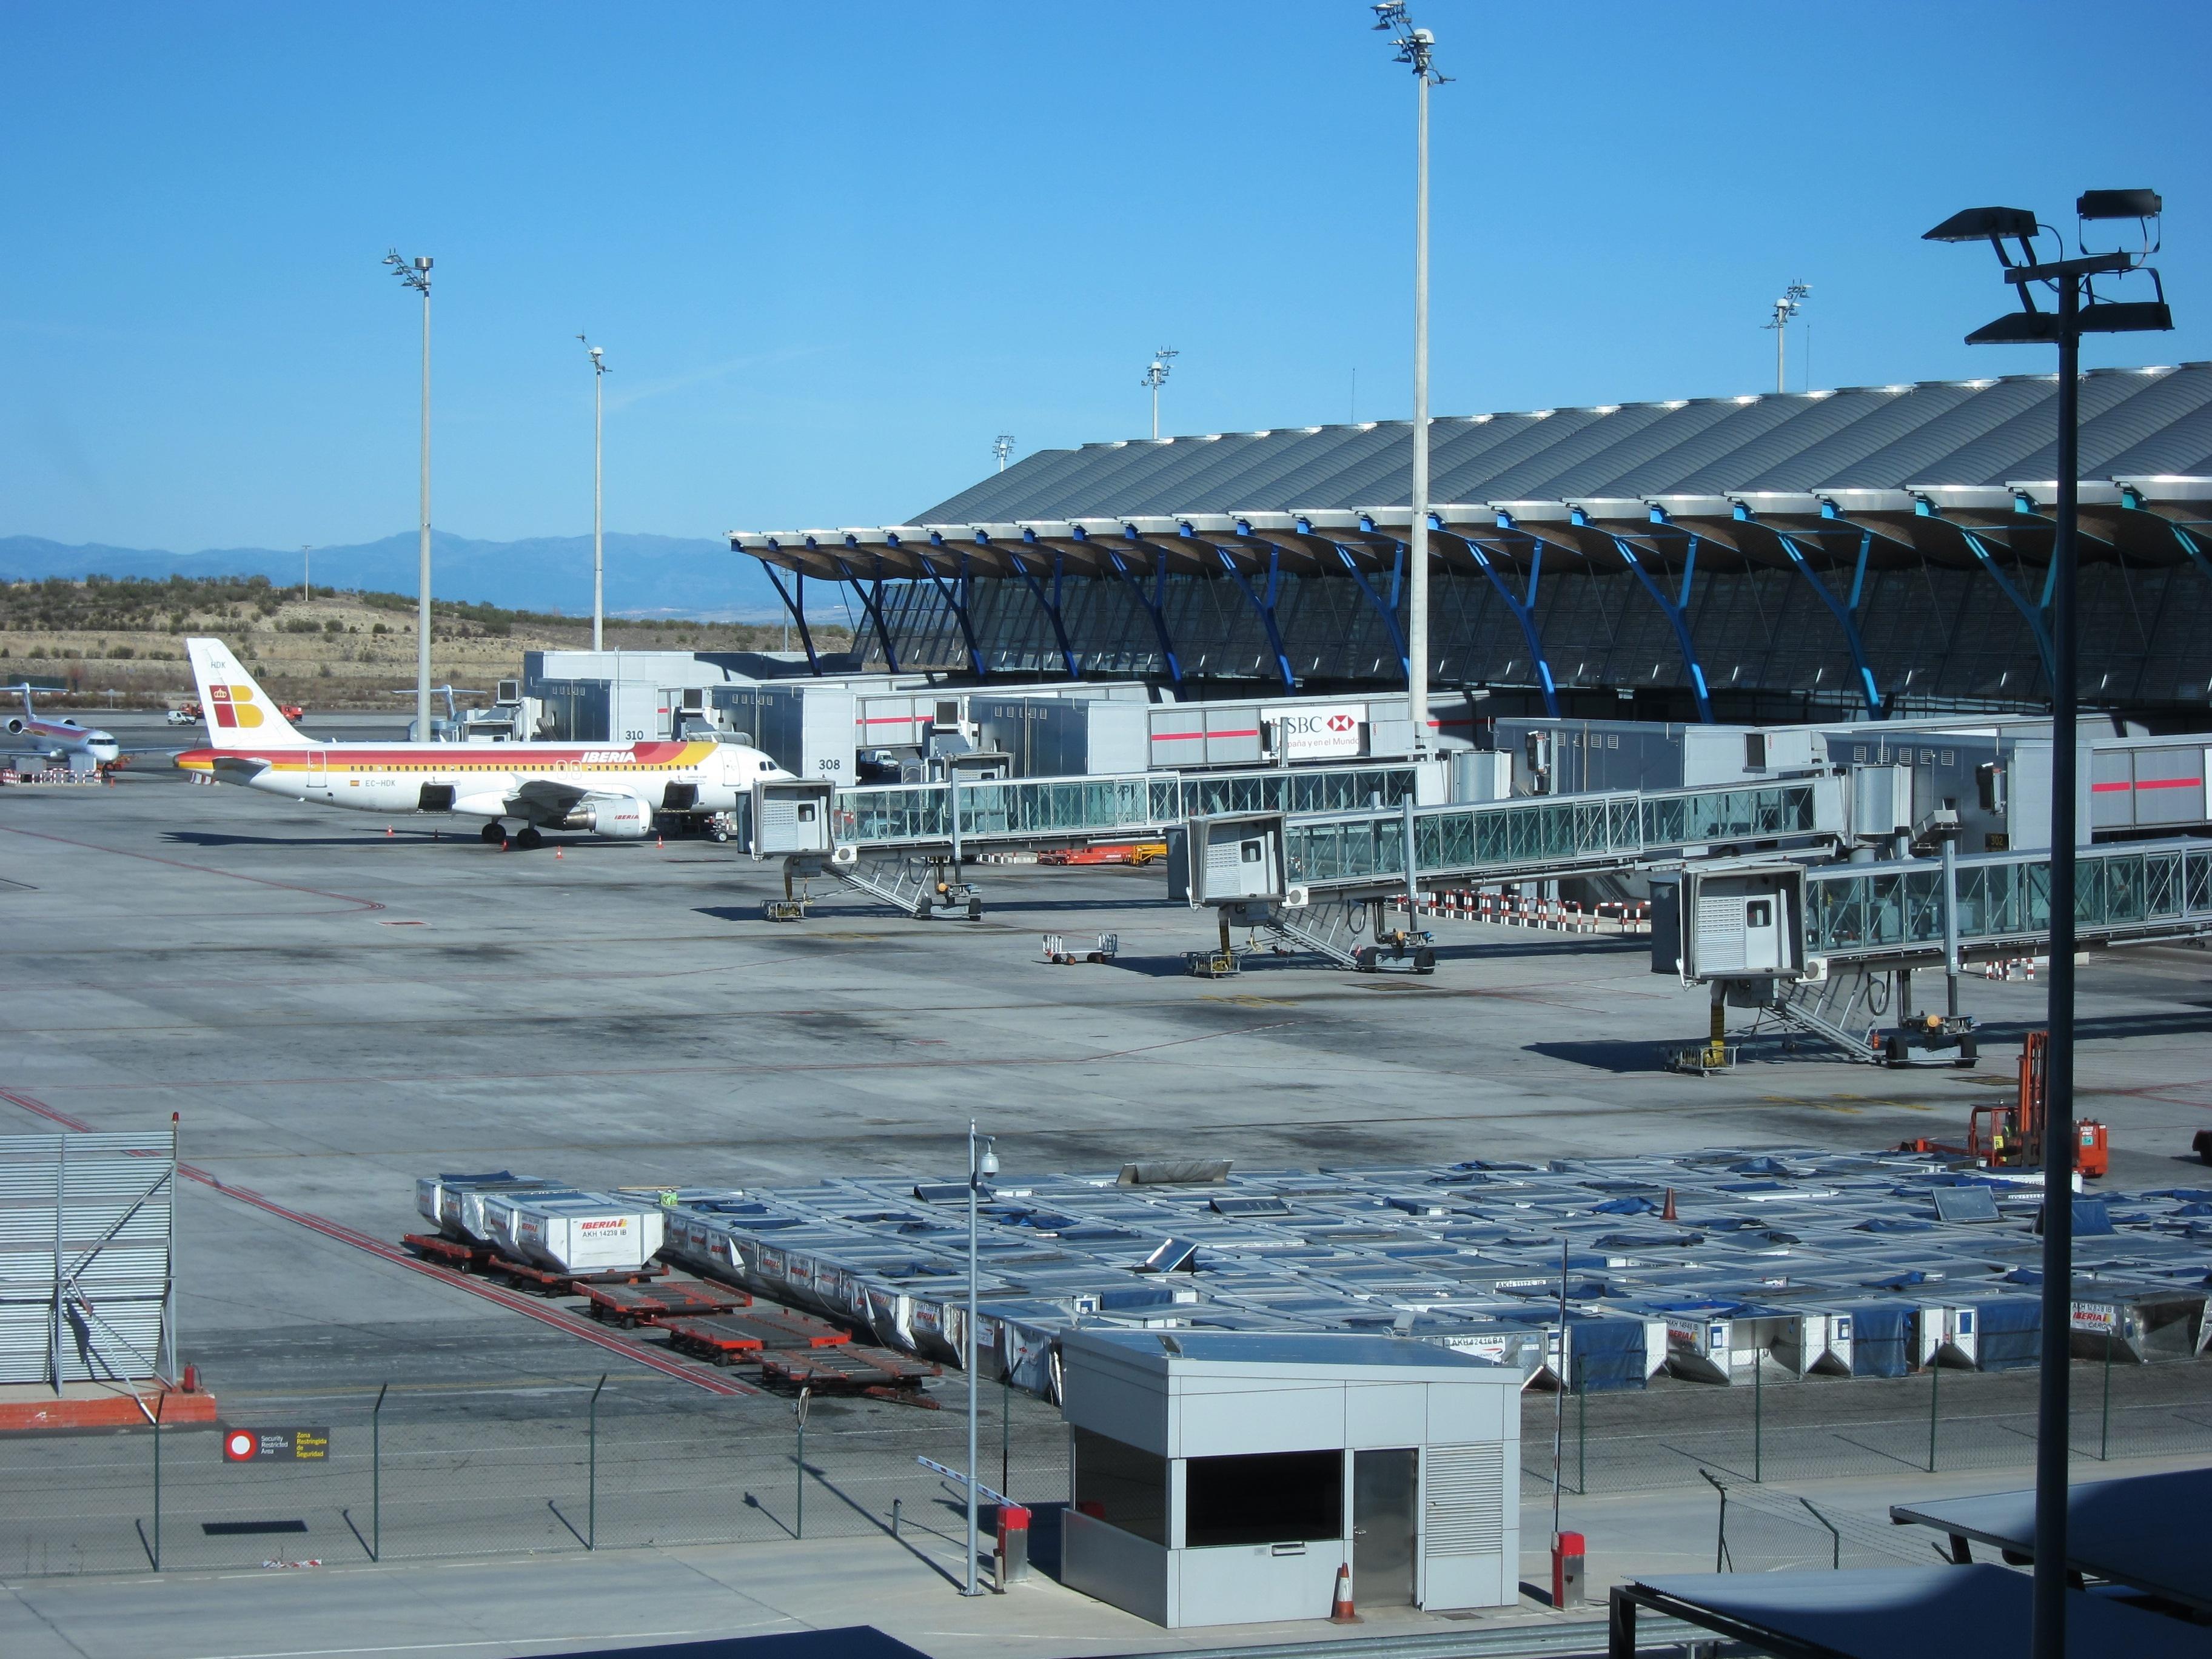 PSOE pide un plan estratégico para Barajas que incluya adelantar la conexión con el AVE y nuevas rutas